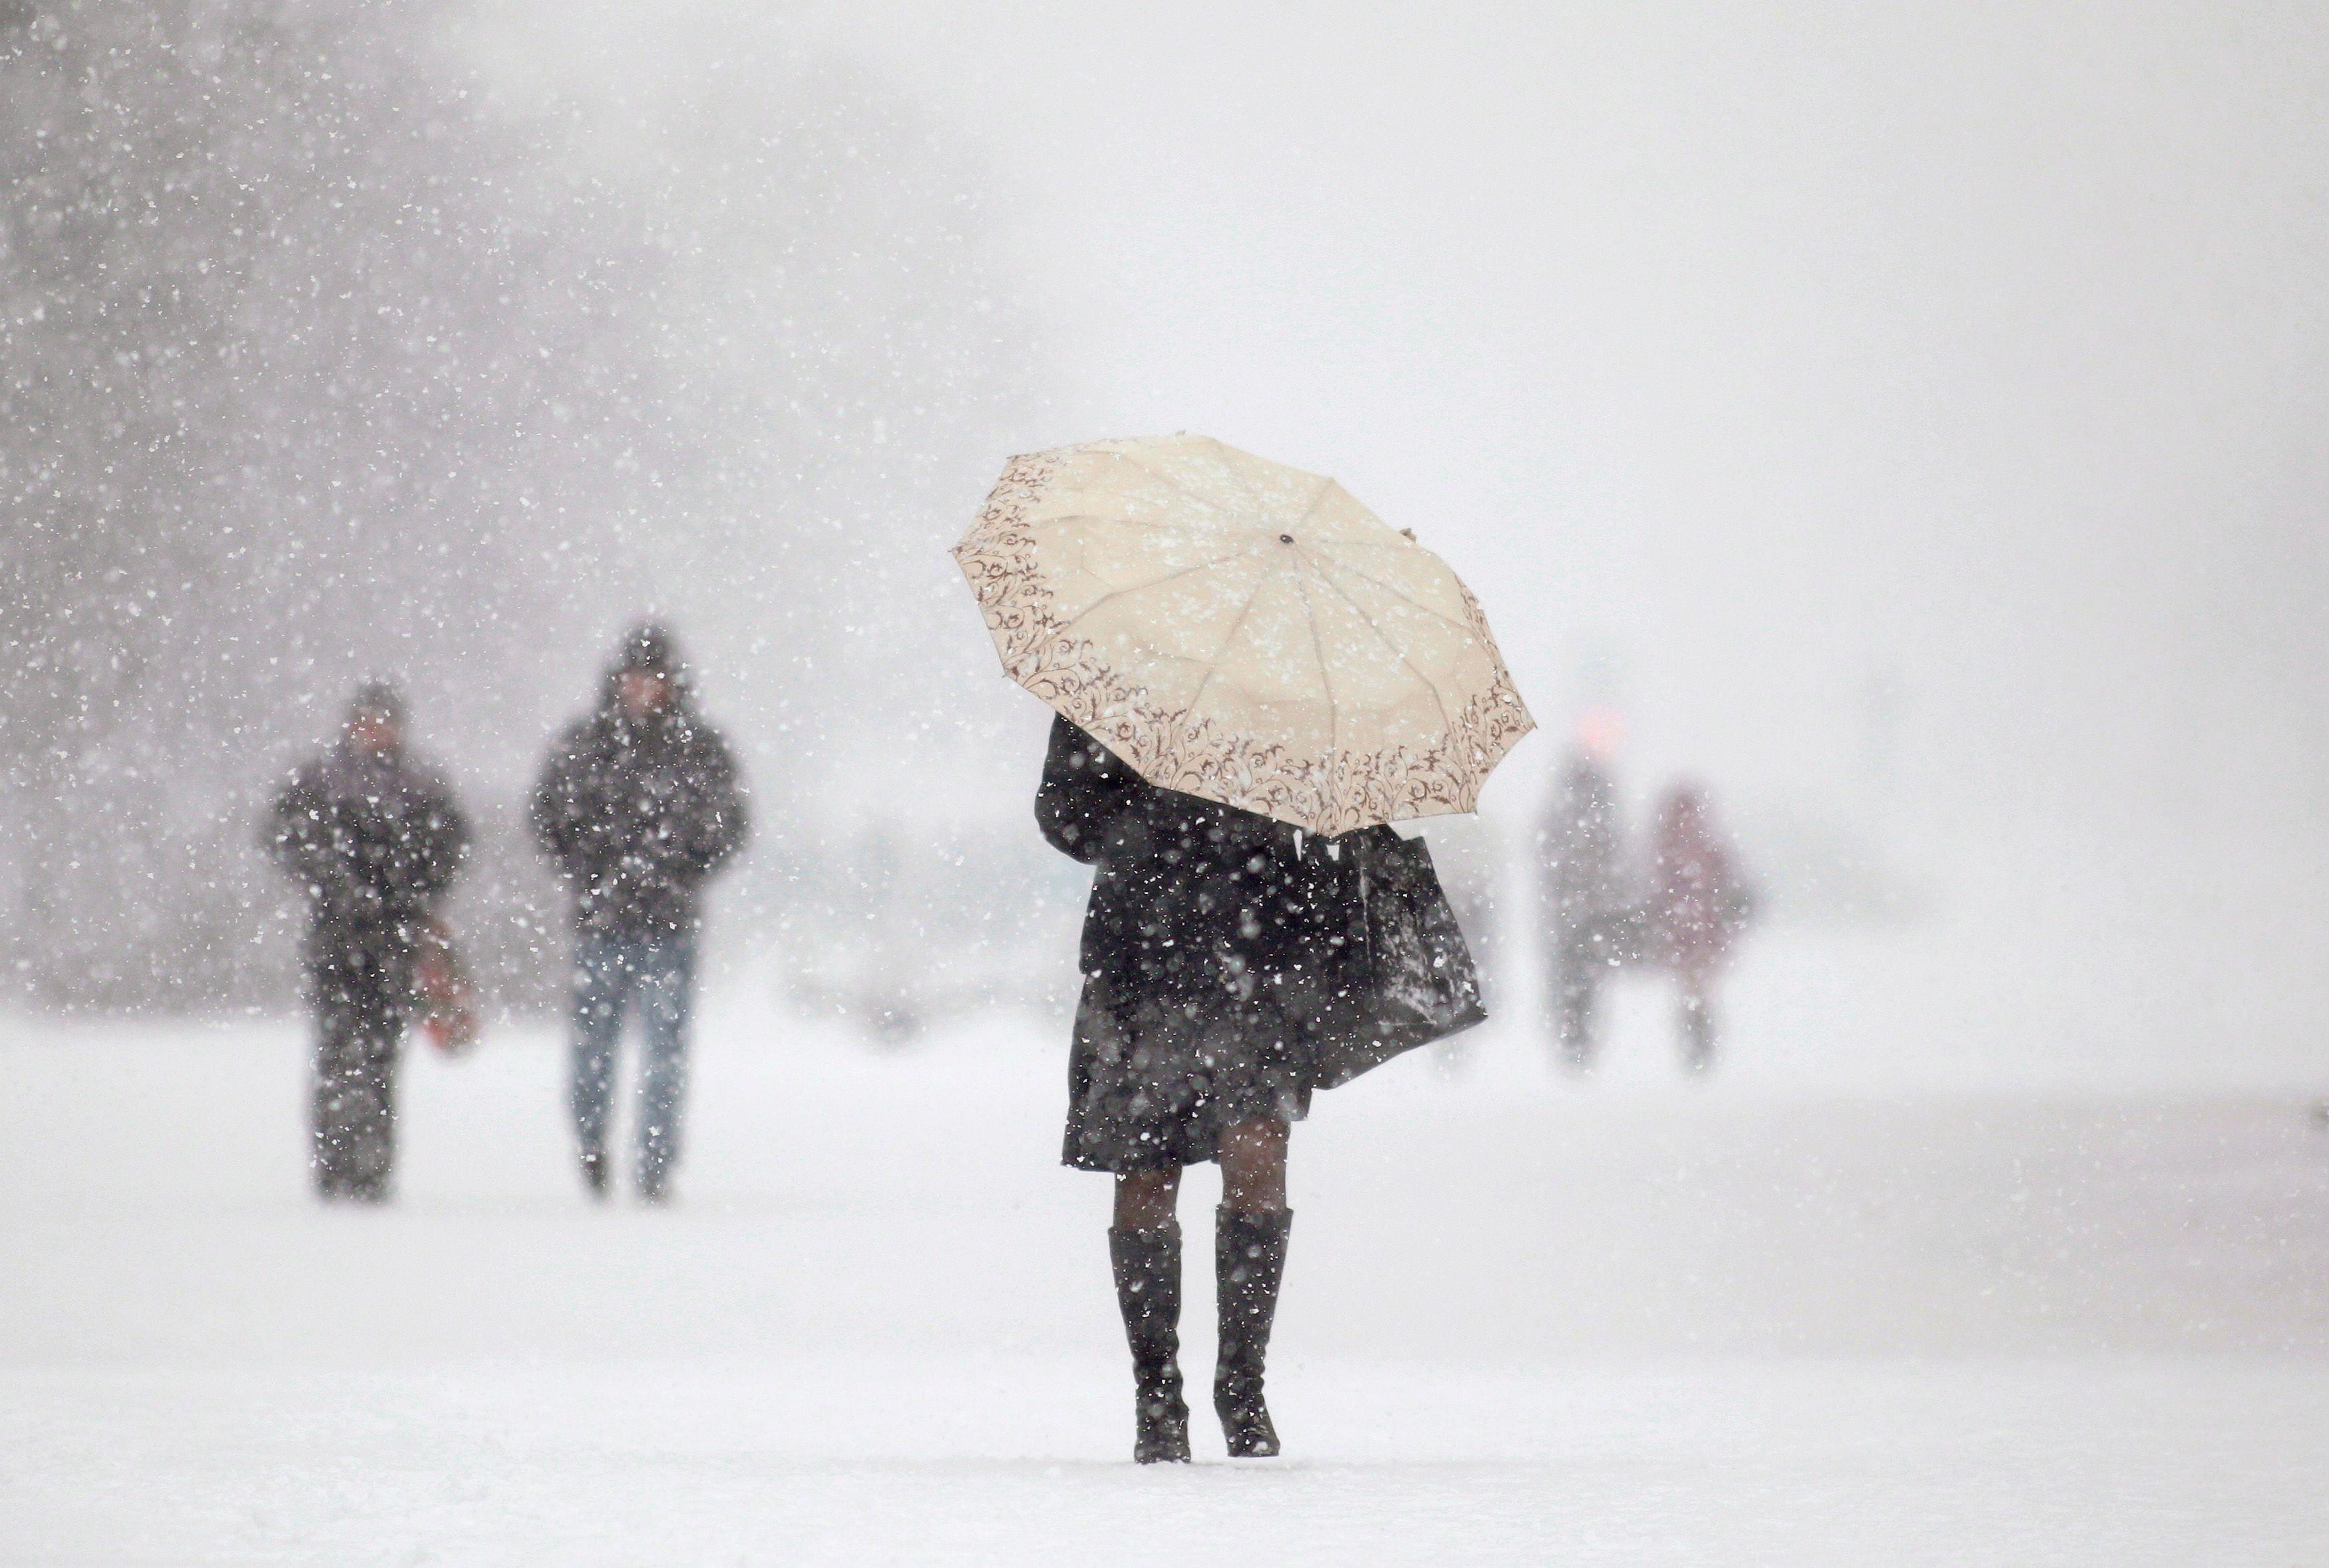 L'hiver 2020 sera-t-il aussi froid que le prévoit une équipe d'experts météorologistes britanniques ?